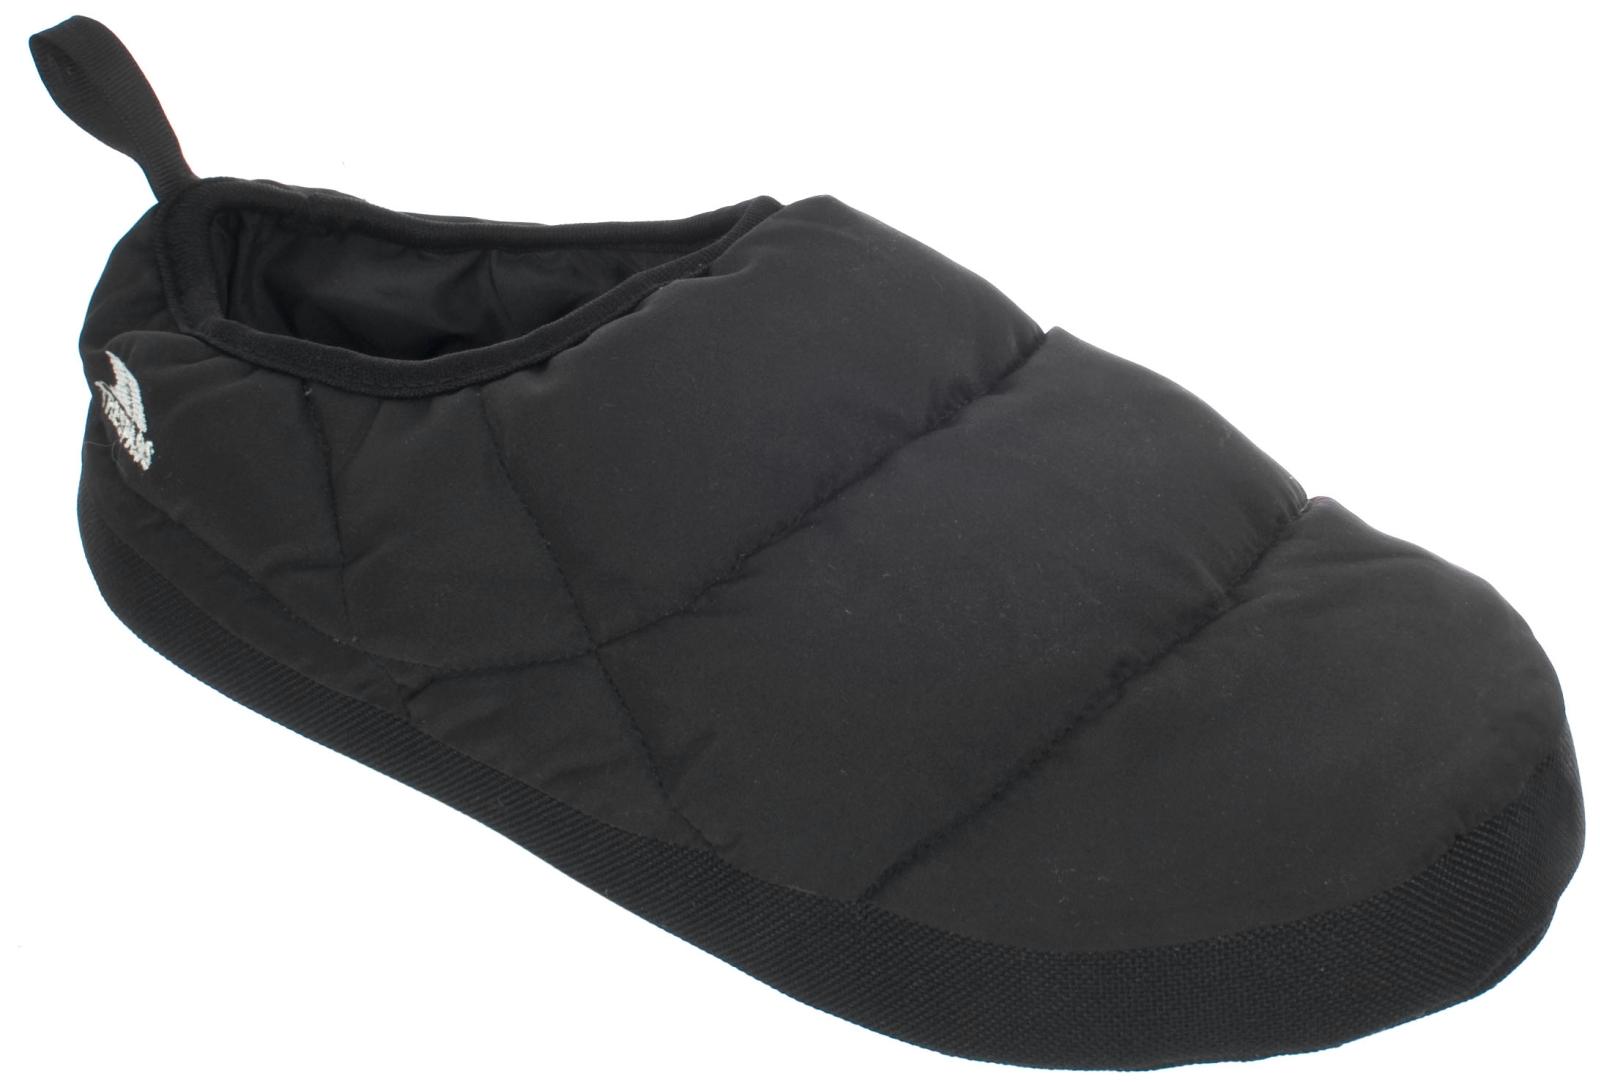 Mens Trespass Duck Down Padded Warm Duvet Slippers Black